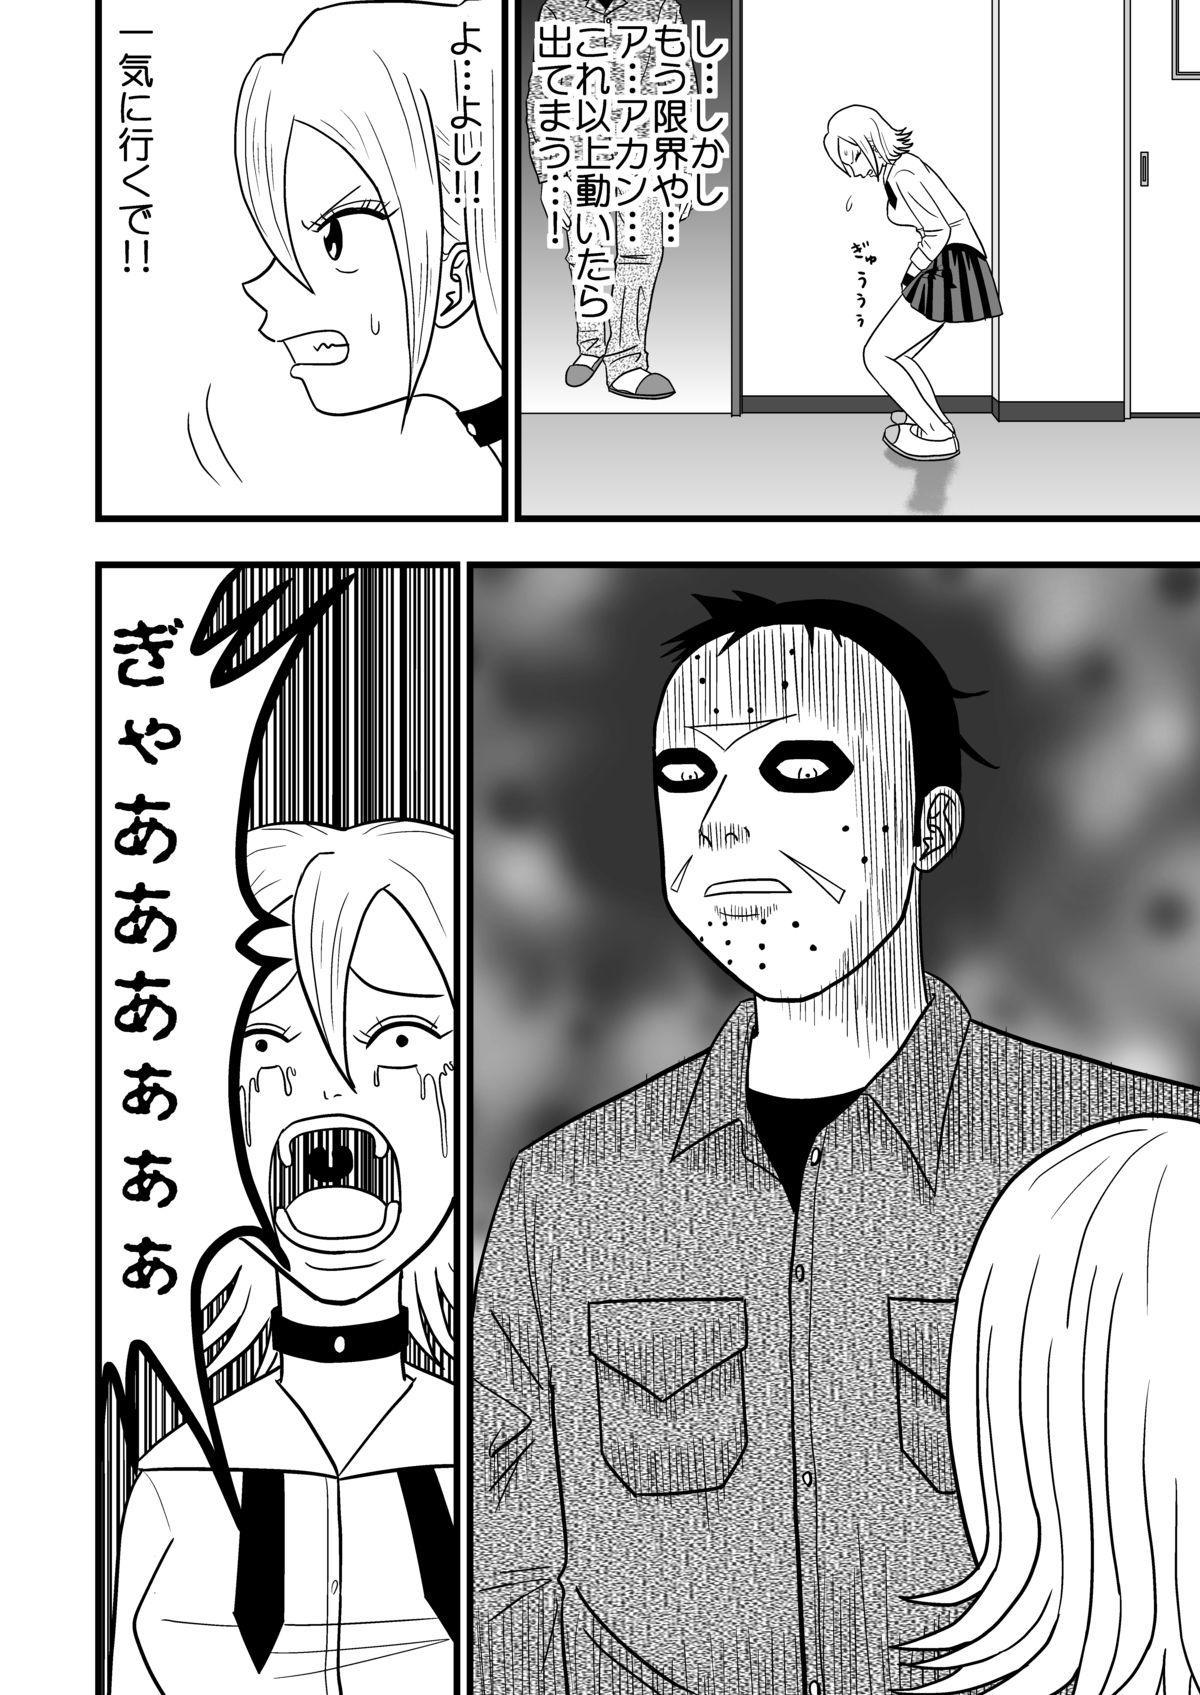 Himeko no nyou shikkin!! 6